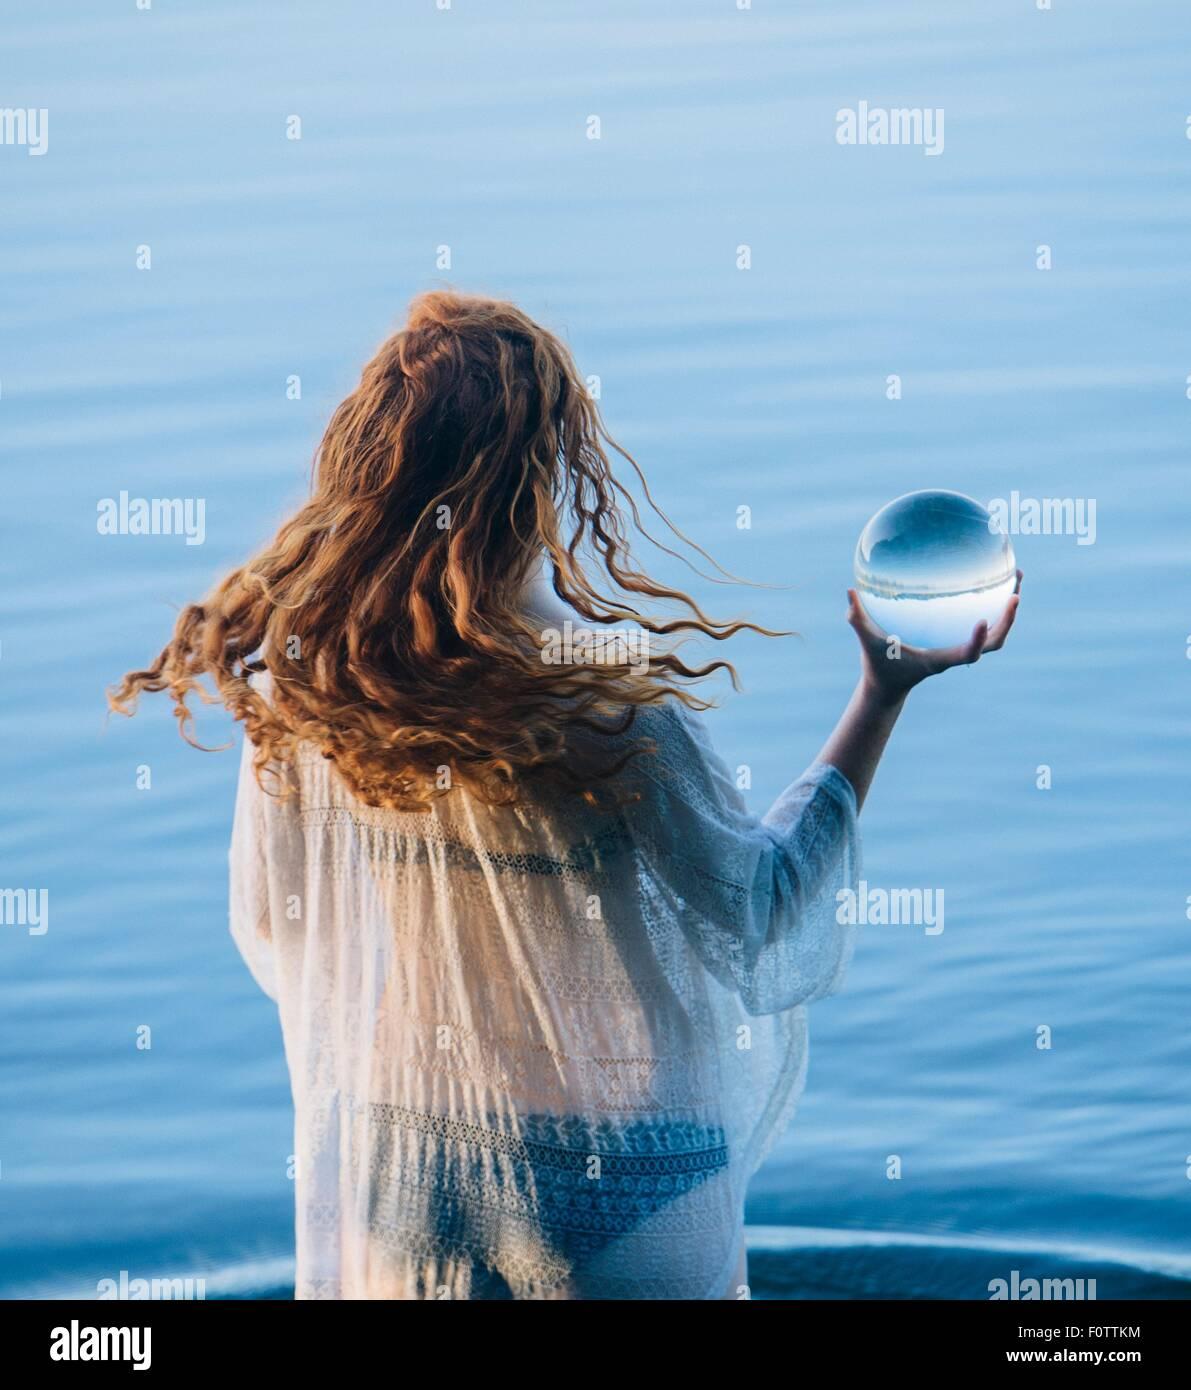 Rückansicht des junge Frau mit langen roten Haaren stehen im See mit Crystal ball Stockbild